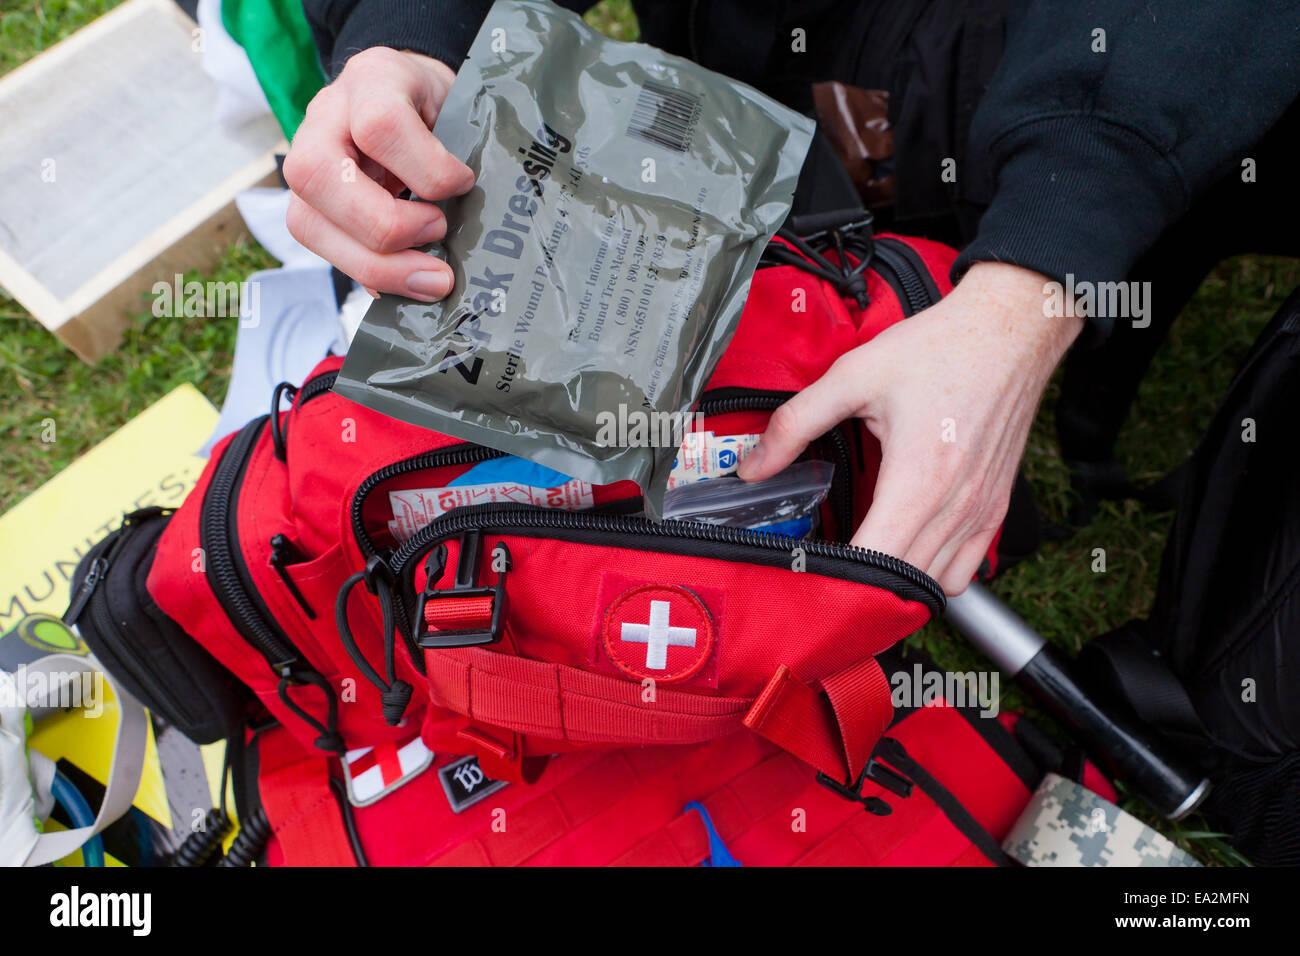 La préparation du personnel EMT trousse de premiers soins - USA Banque D'Images